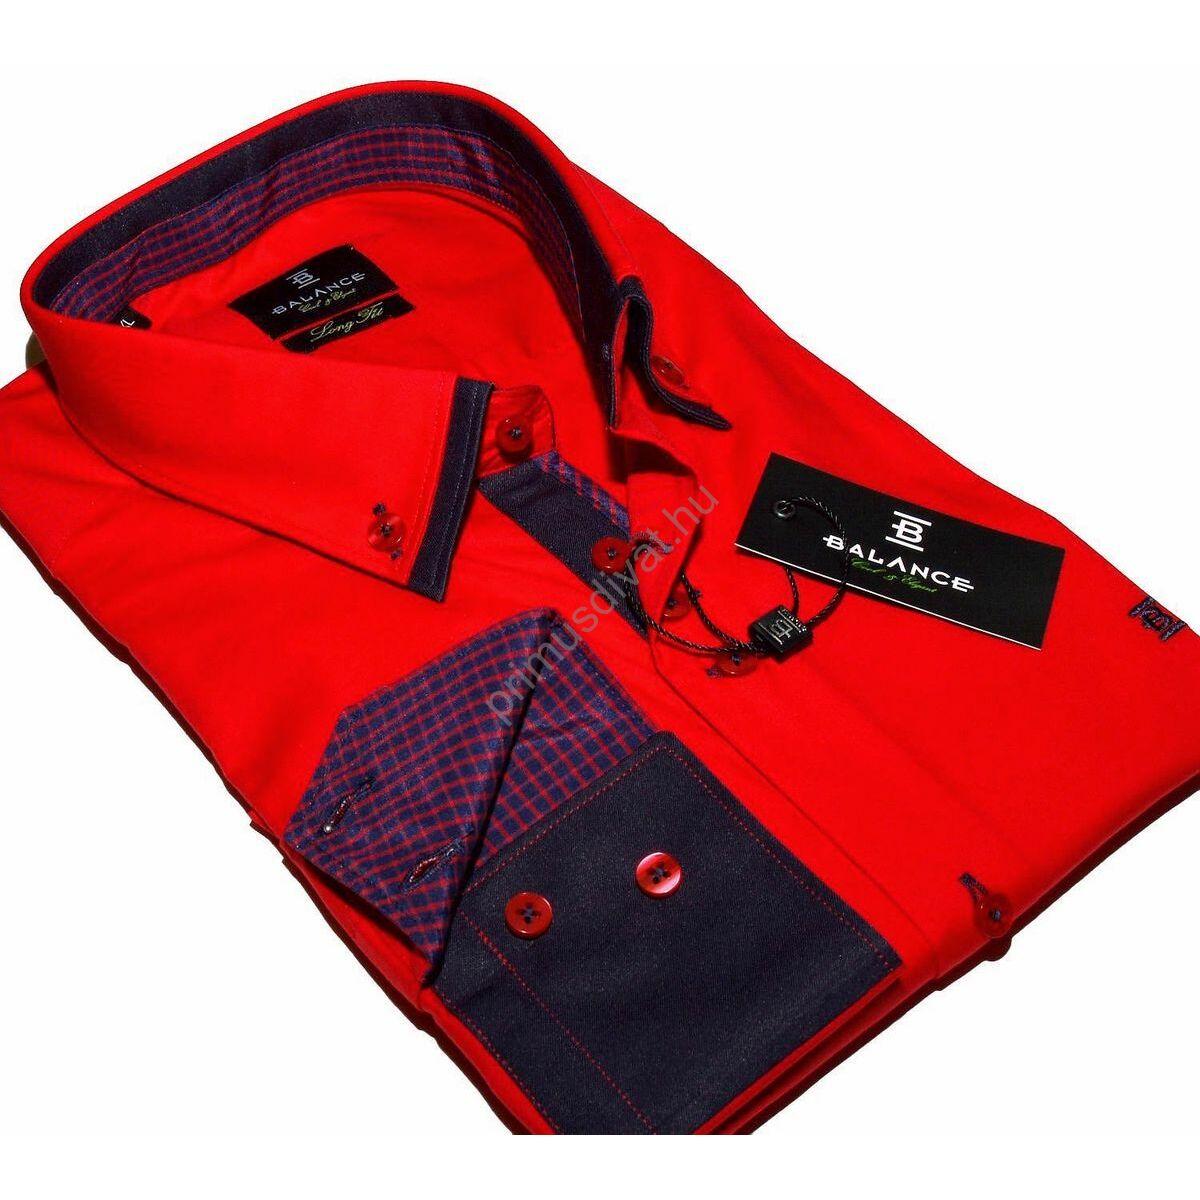 4bc4f626e6 Kép 1/4 - Balance dupla, legombolt galléros rugalmas, karcsúsított hosszú  ujjú ing, piros-kék